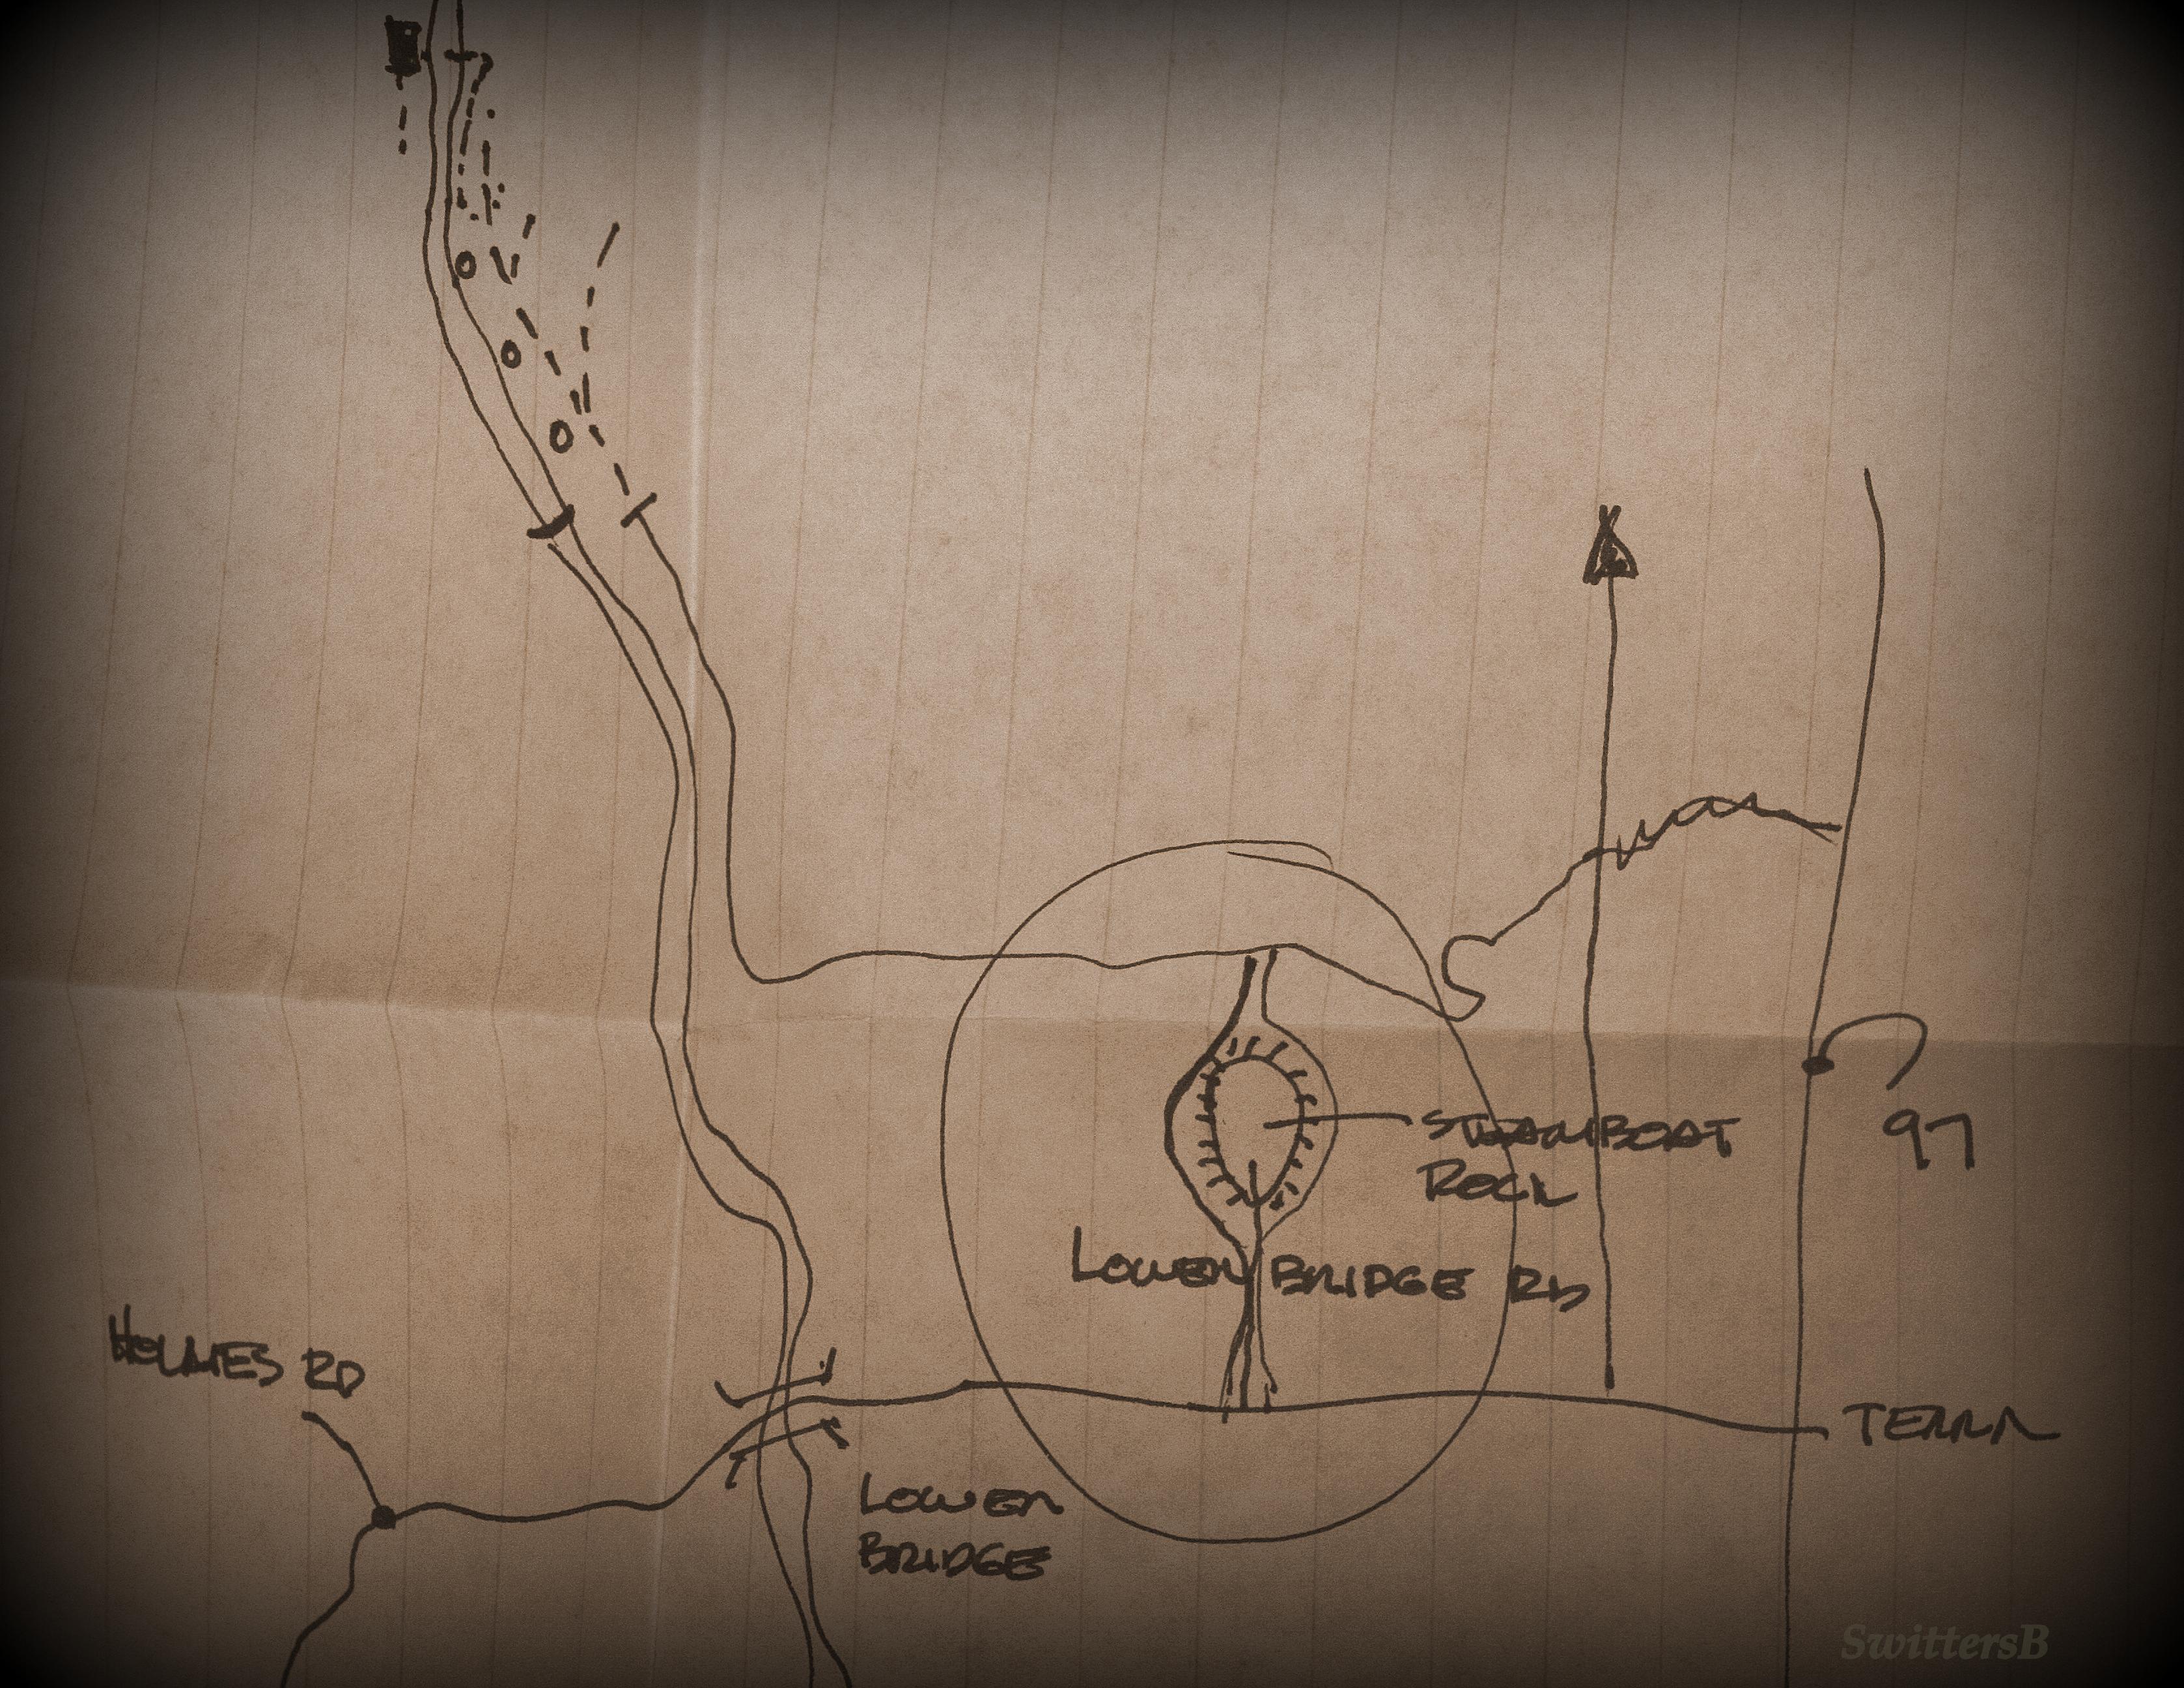 Teel Foley mapSB